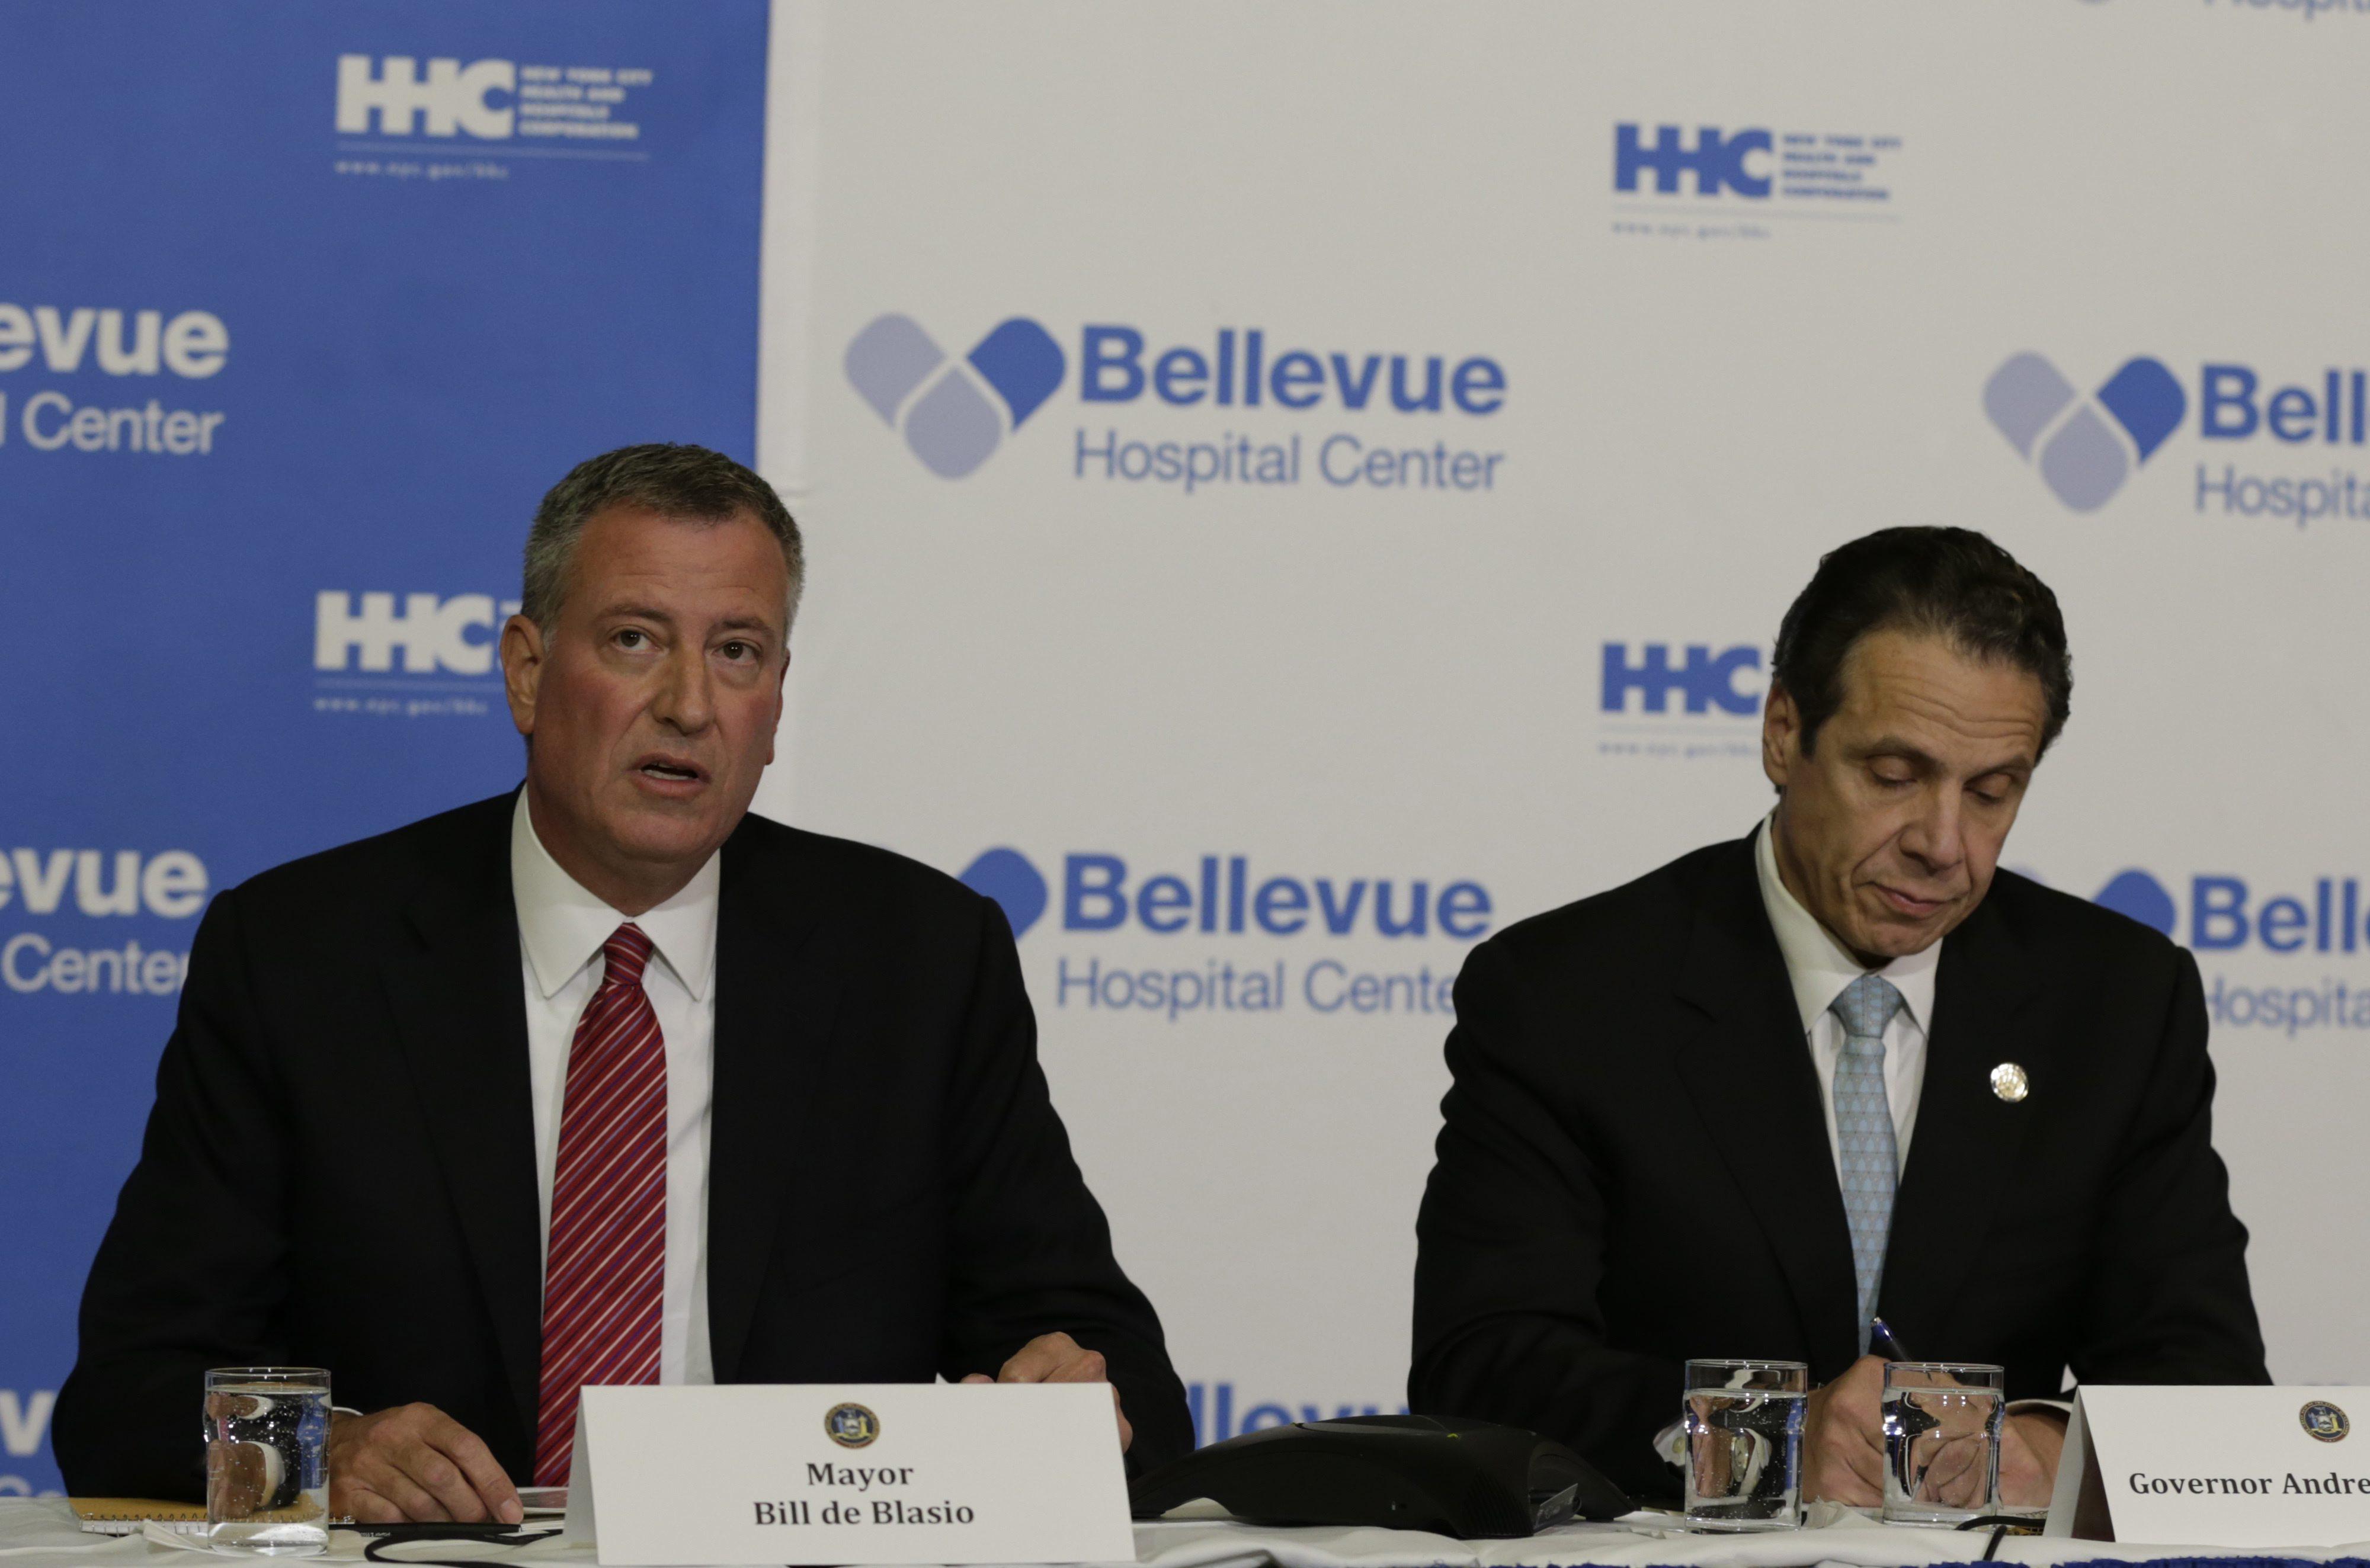 Пресс-конференция в Нью-Йорке по проблеме распространения вируса Эбола